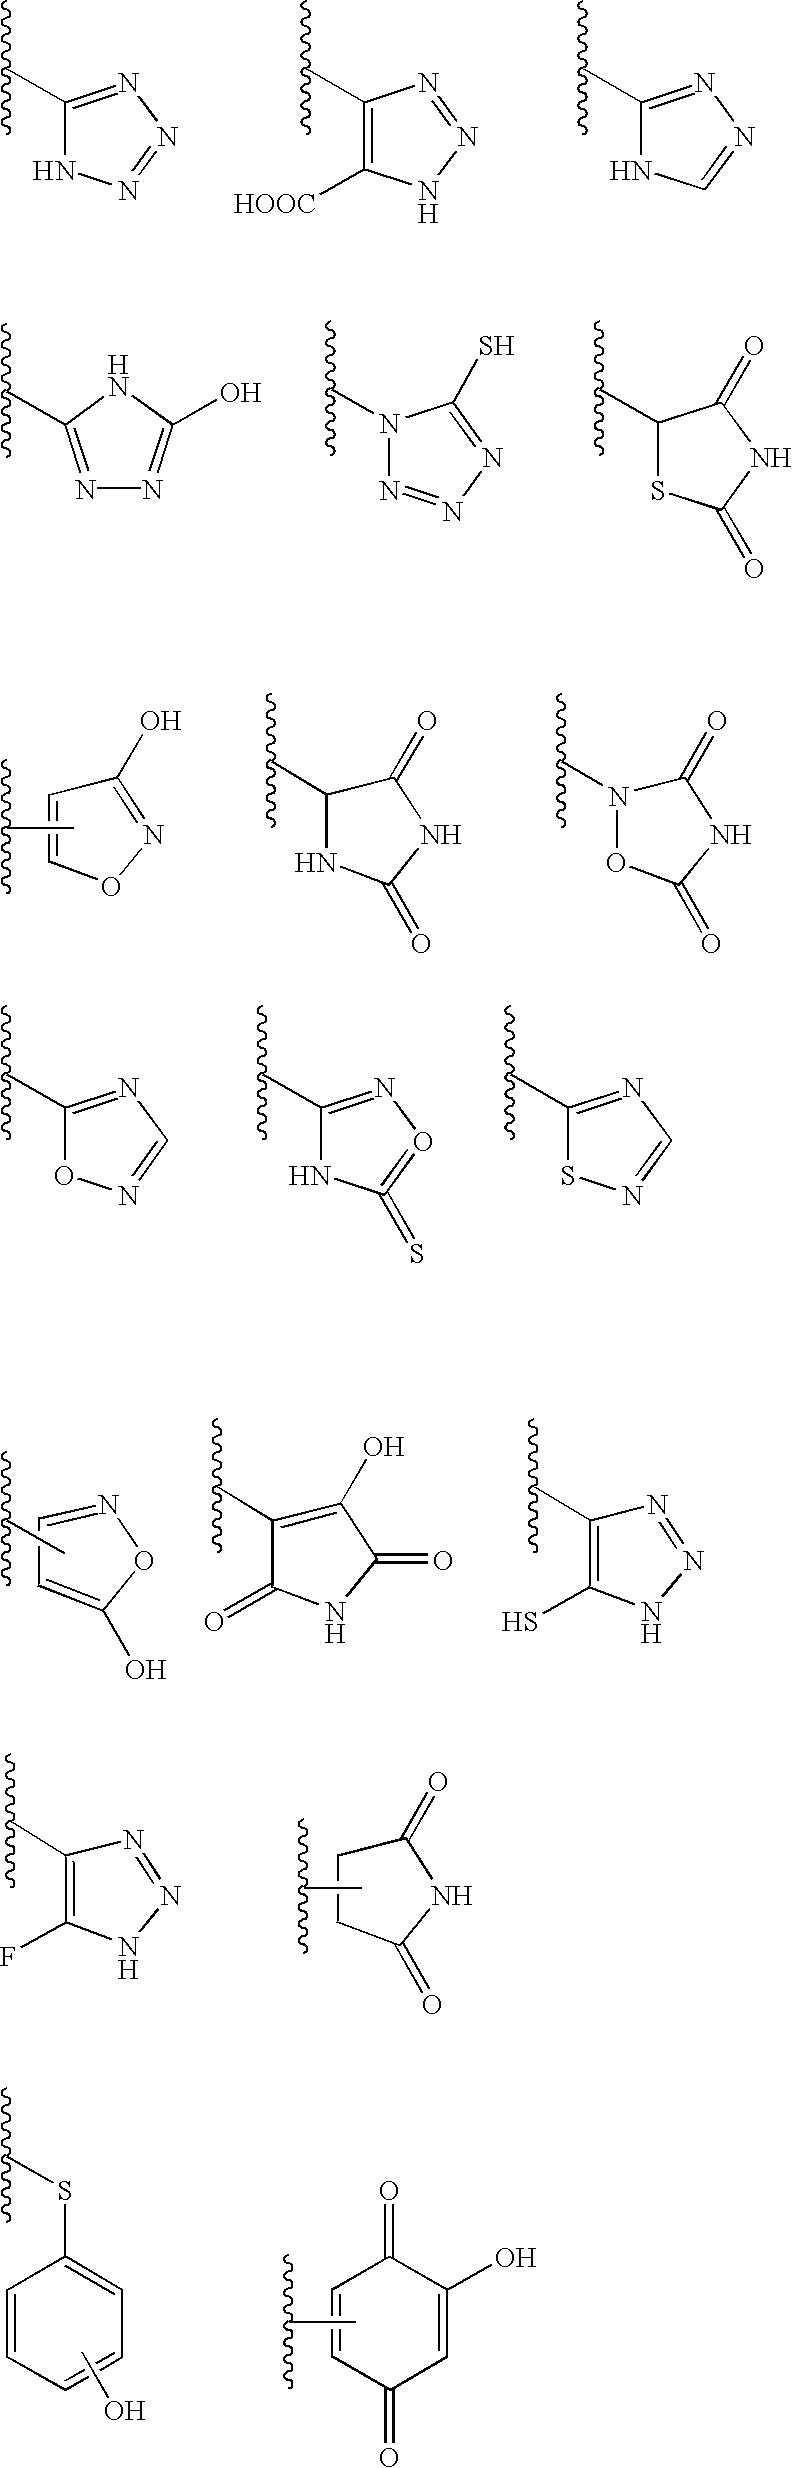 Figure US20030203890A1-20031030-C00264